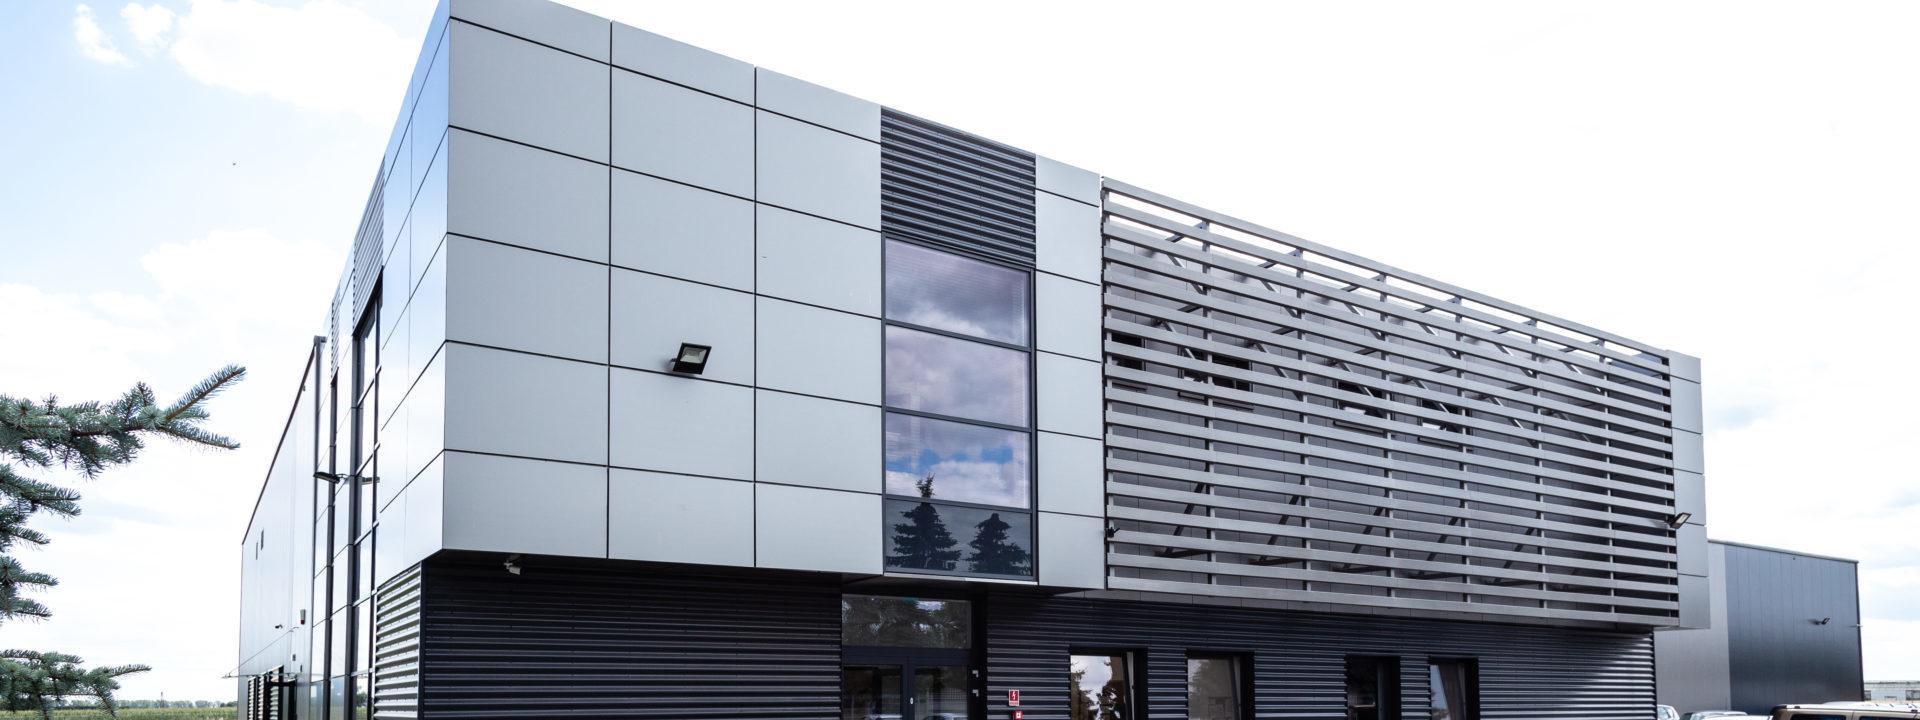 Realizacja 2016 - hala produkcyjno-magazynowa Deco-Sun w Kostrzynie w województwie wielkopolskim - budynek z zewnątrz